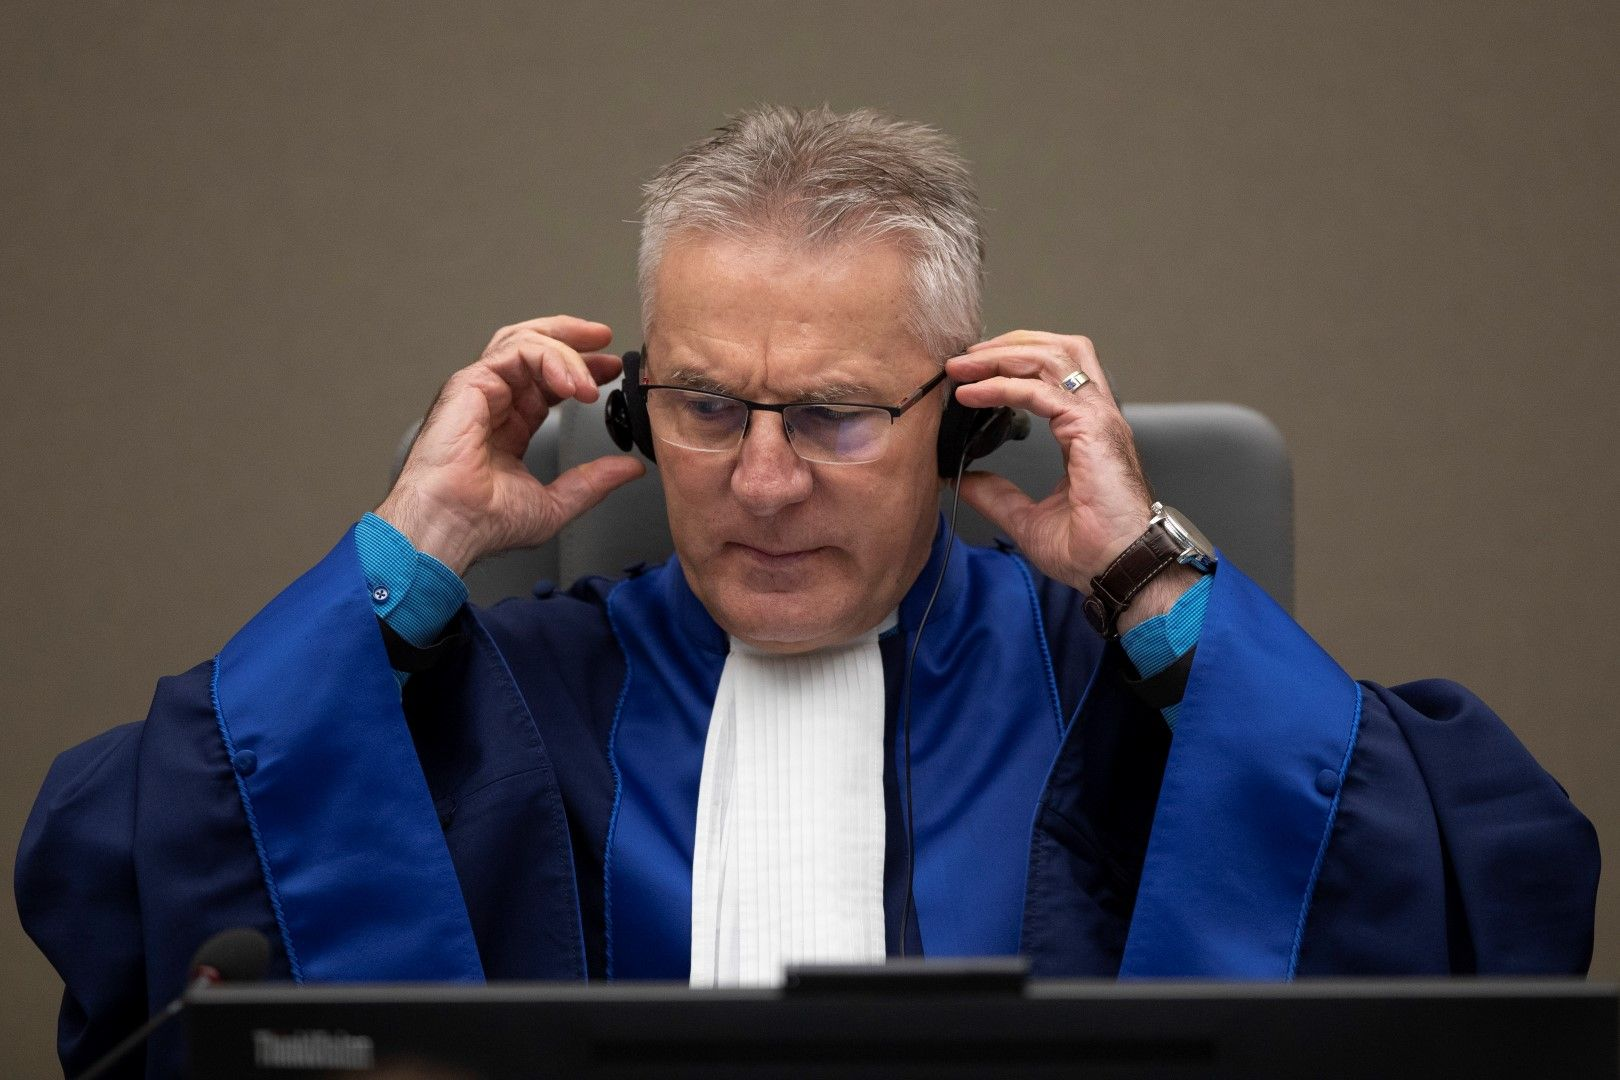 Съдията Робърт Фремр от Международния наказателен съд чете присъдата над Боско Нтаганда